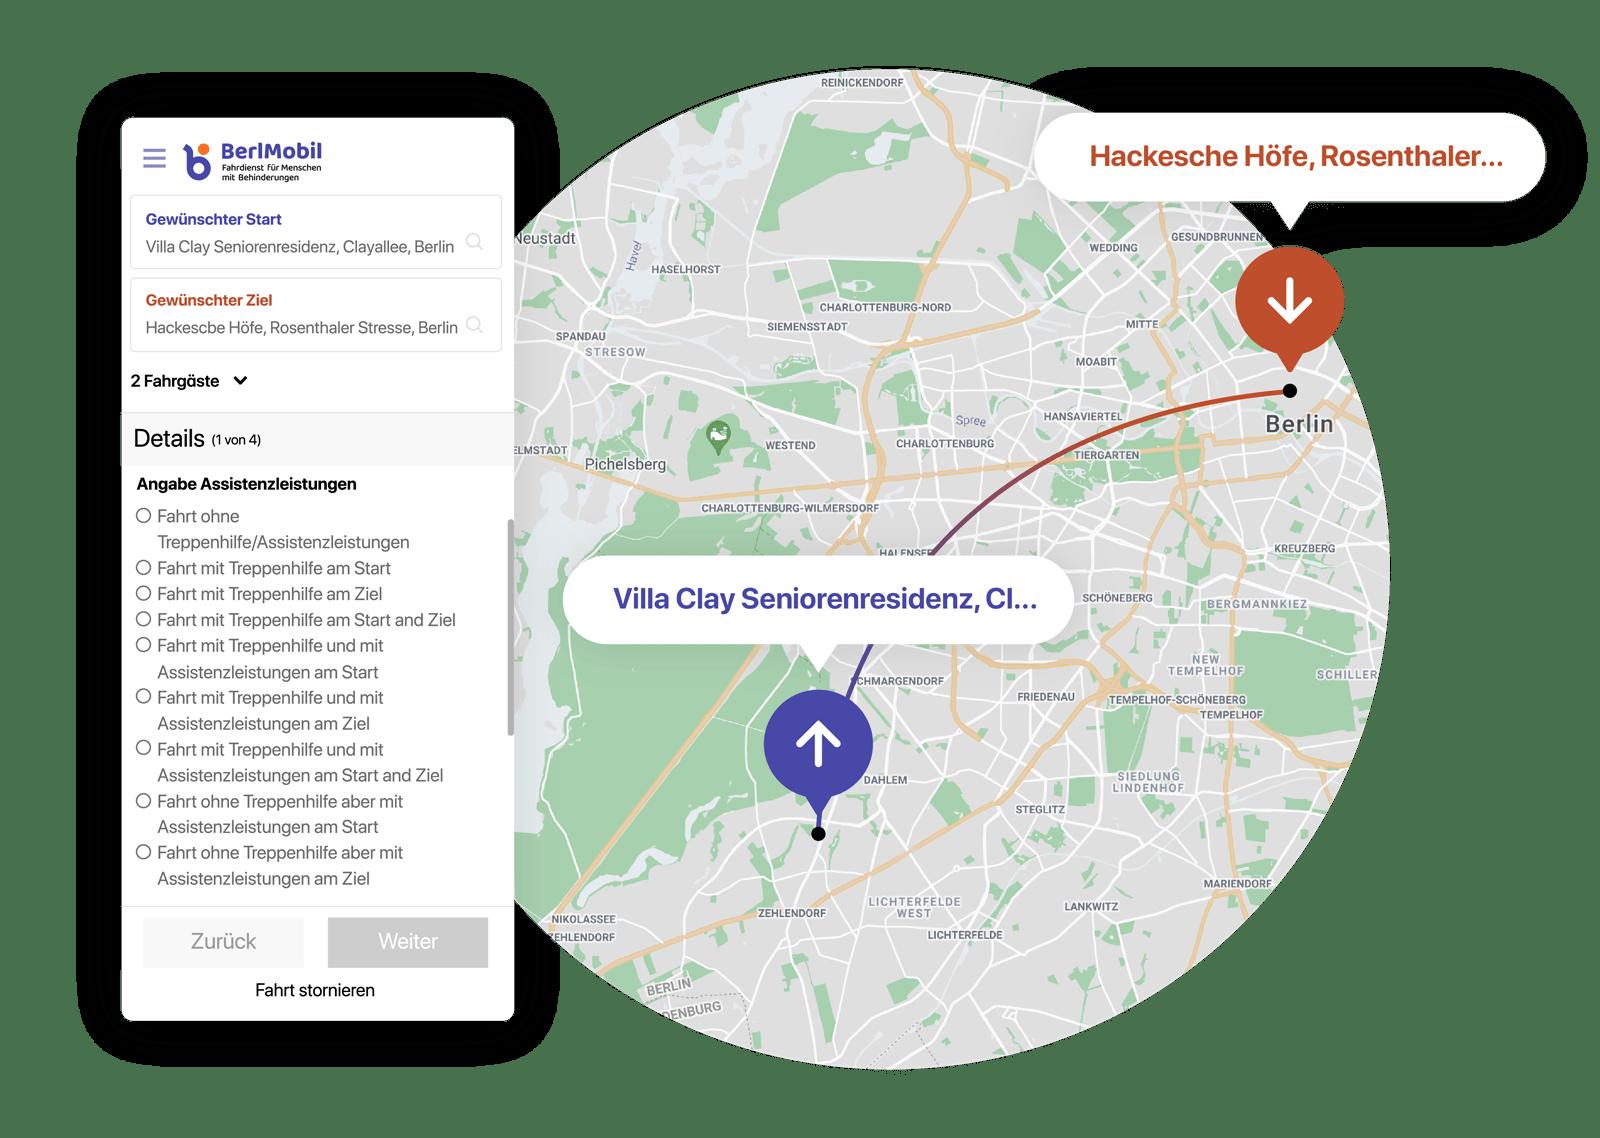 Ein Screenshot von dem Formular der BerlMobil Web-App